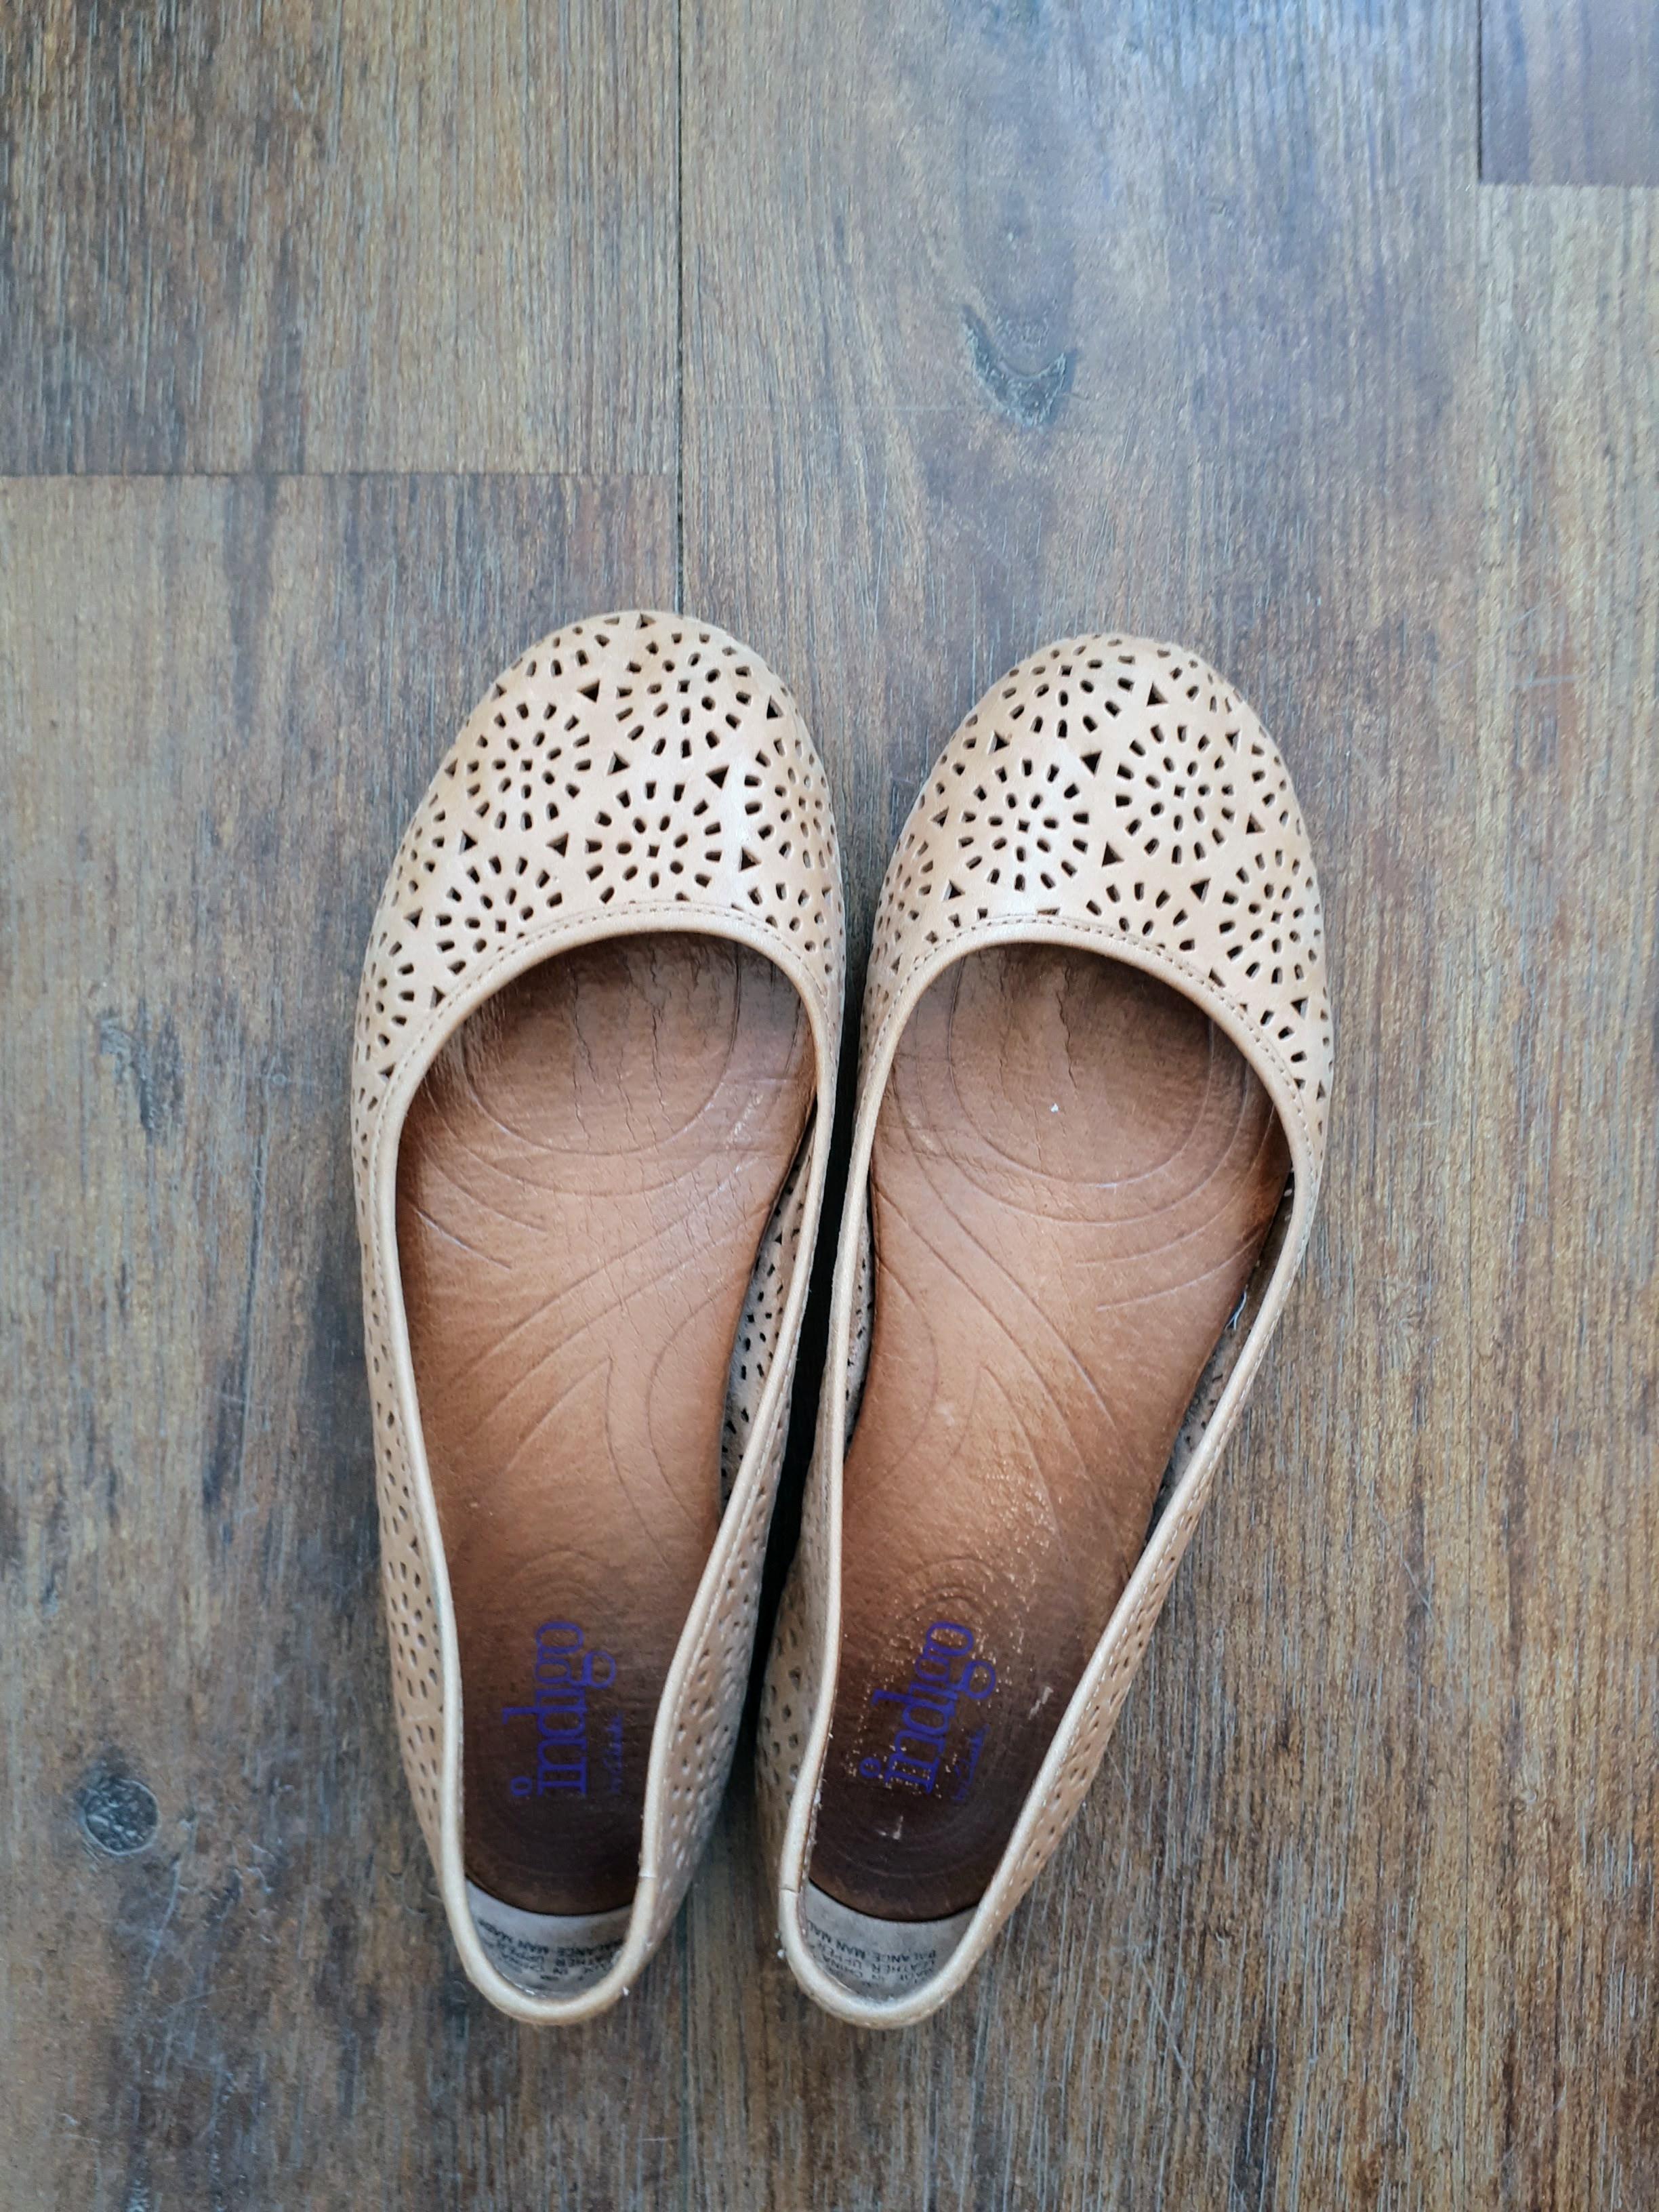 Indigo shoes; Size 6, $36